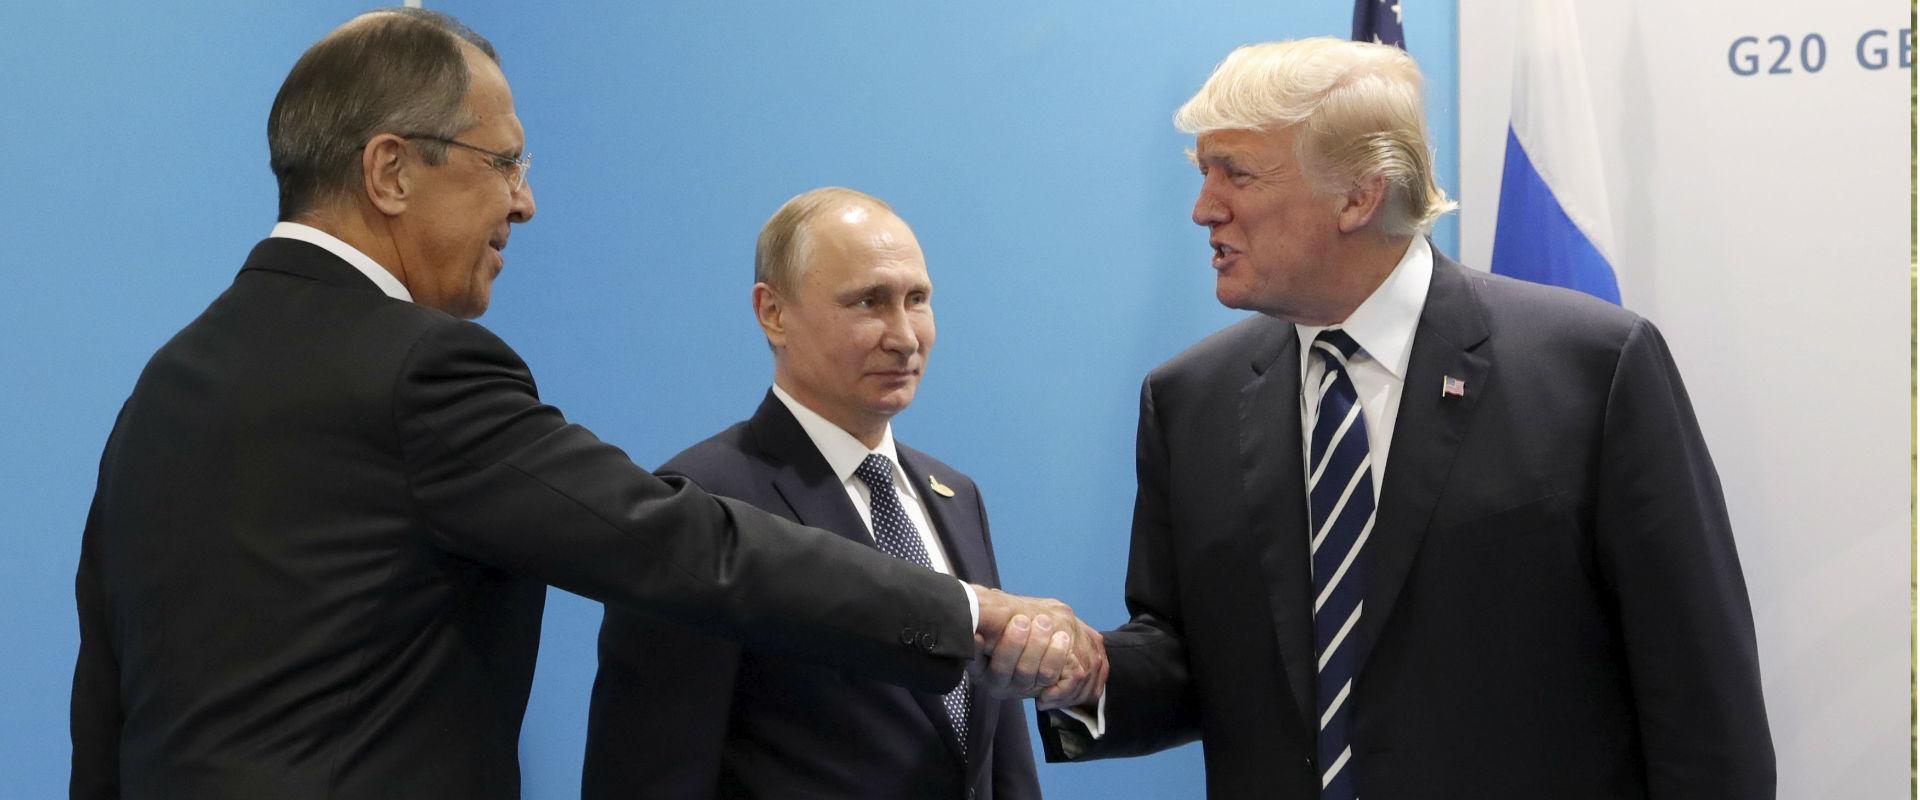 דונלד טראמפ וסרגיי לברוב